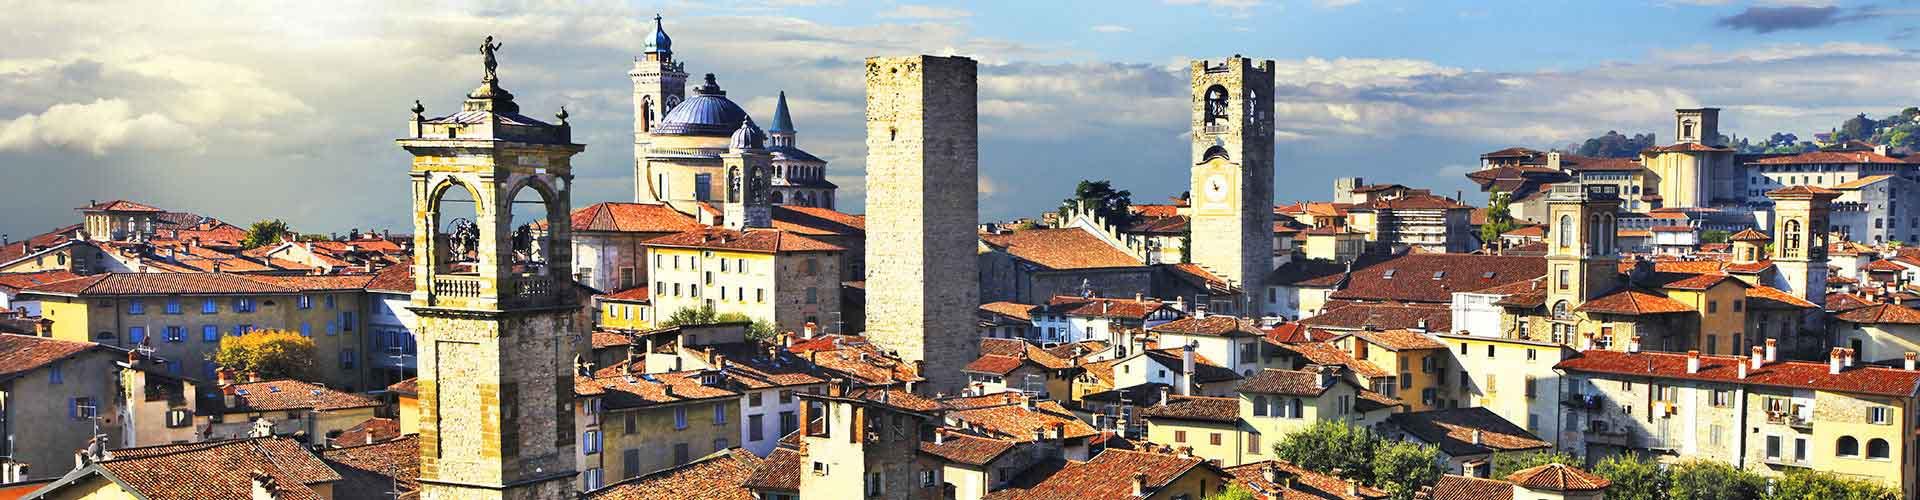 Bergamo – Hostels in Bergamo. Bergamo auf der Karte. Fotos und Bewertungen für jedes Hostel in Bergamo.